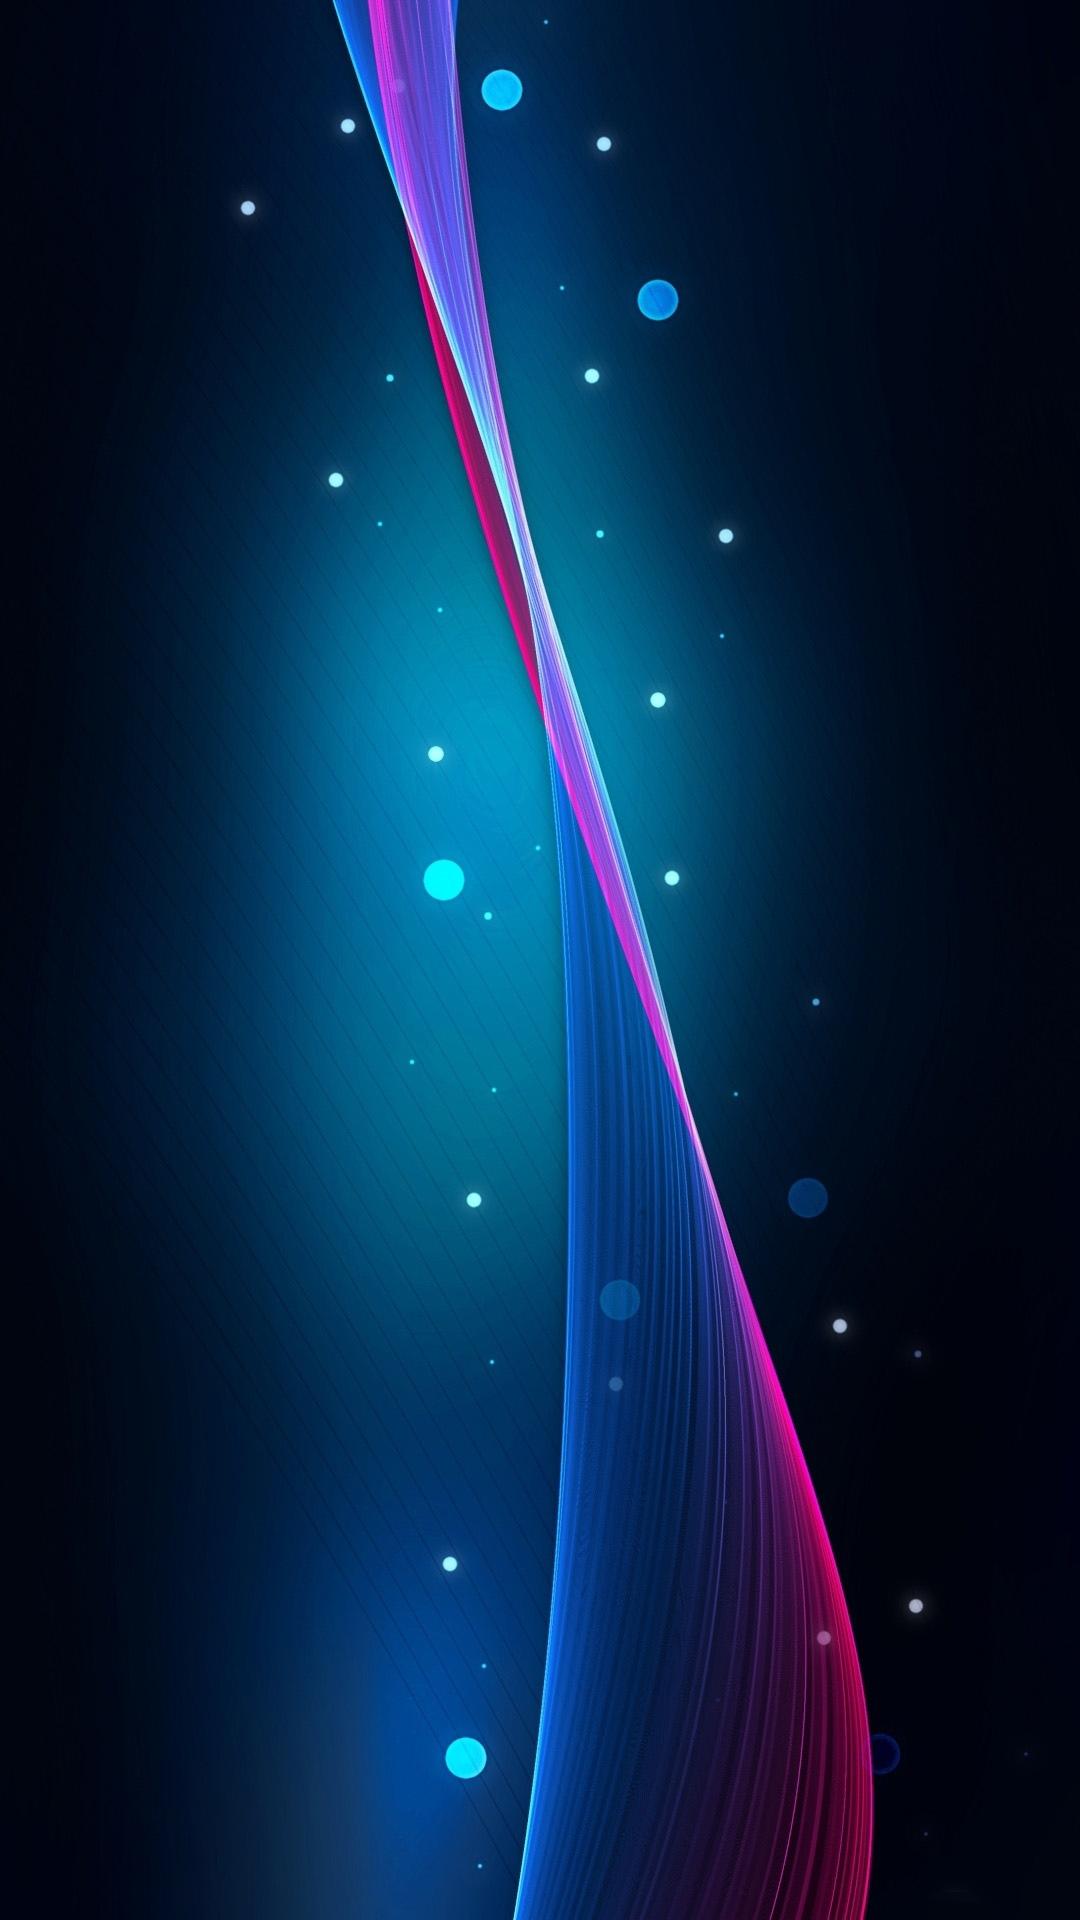 Samsung Galaxy S 4 Support  Verizon Wireless